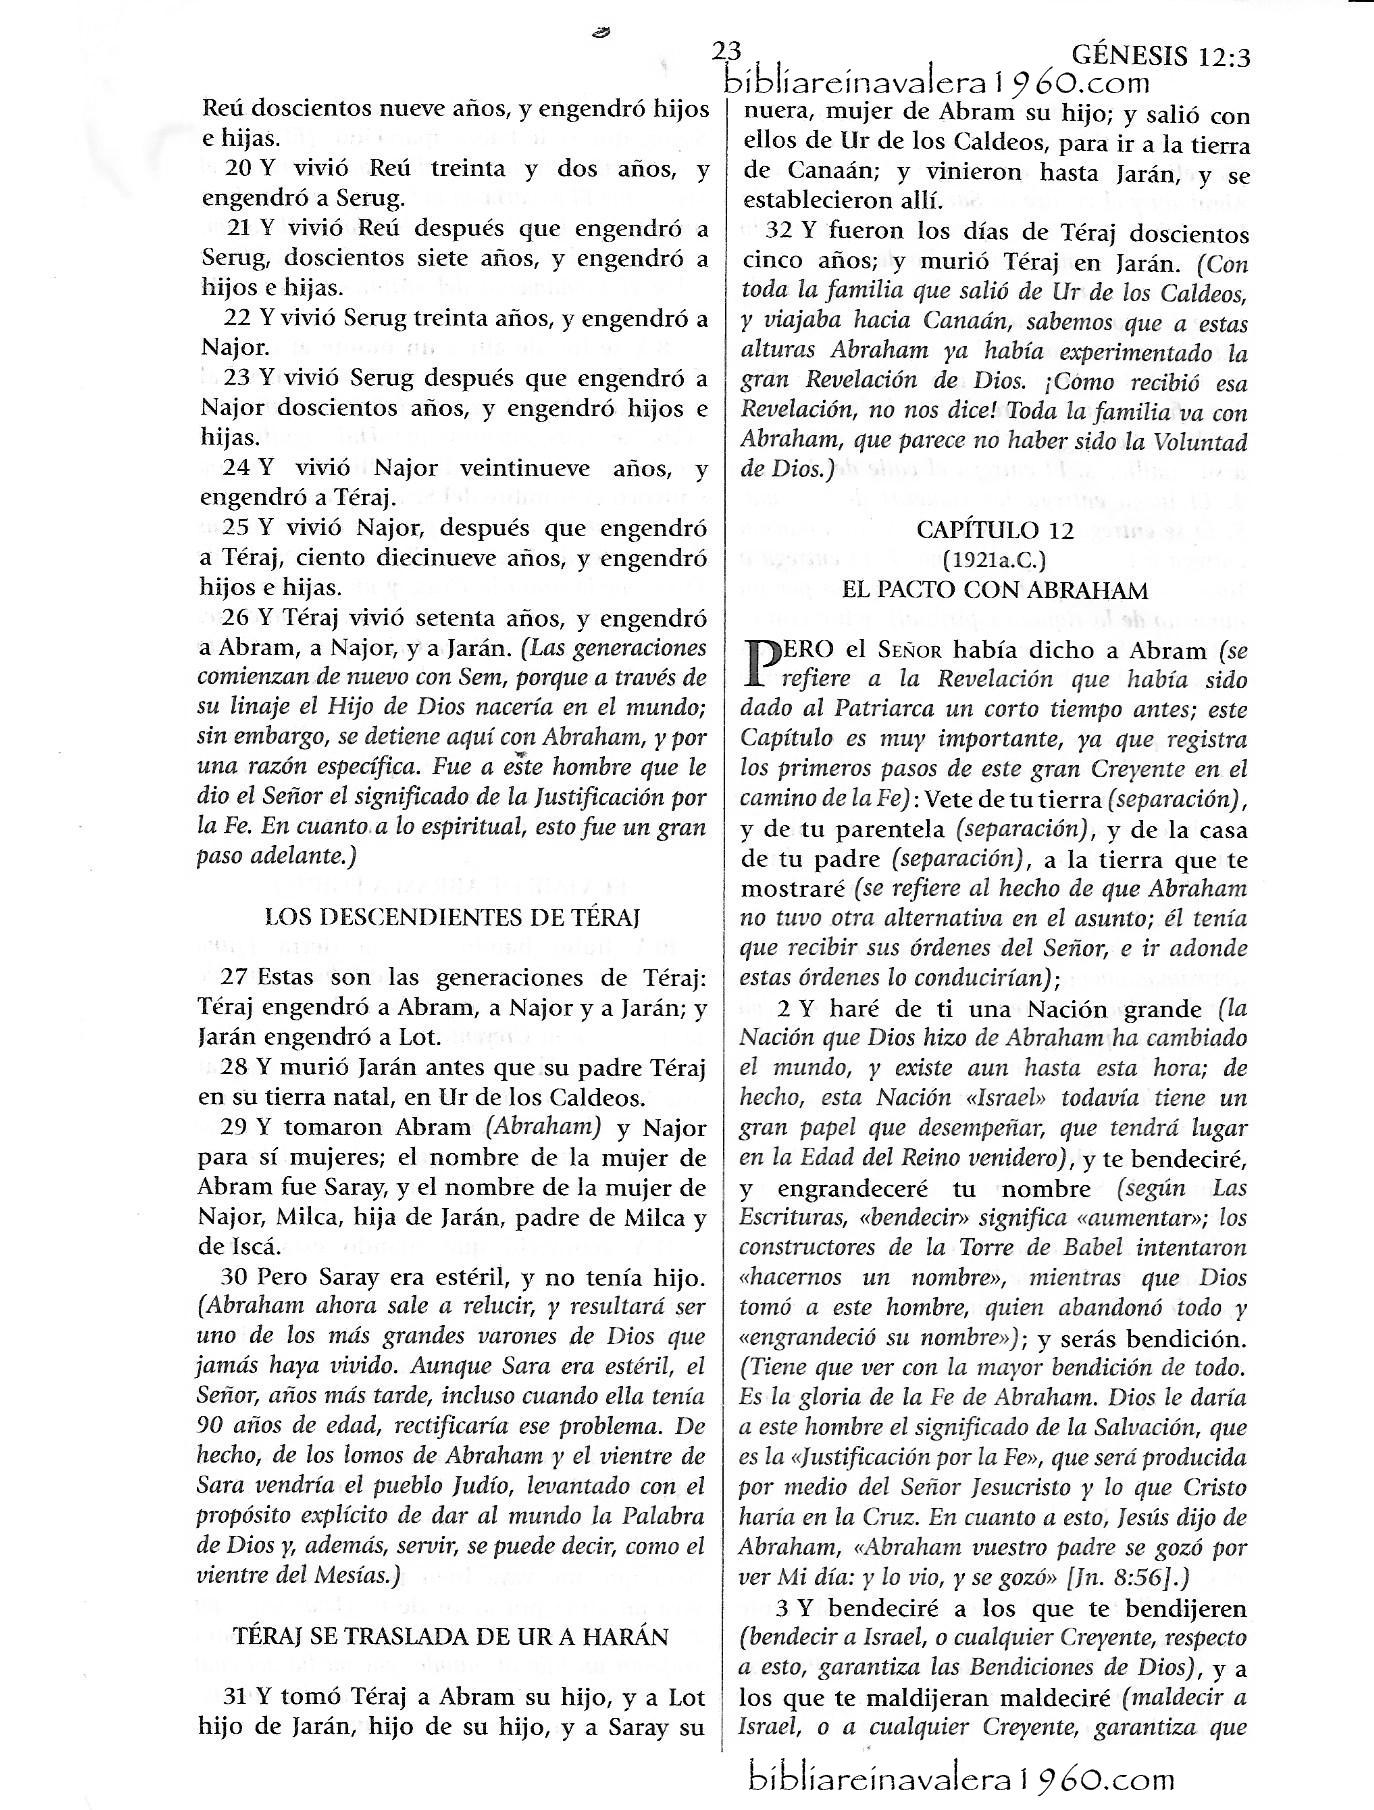 genesis 11 explicacion Genesis 11 Explicacion 23 1